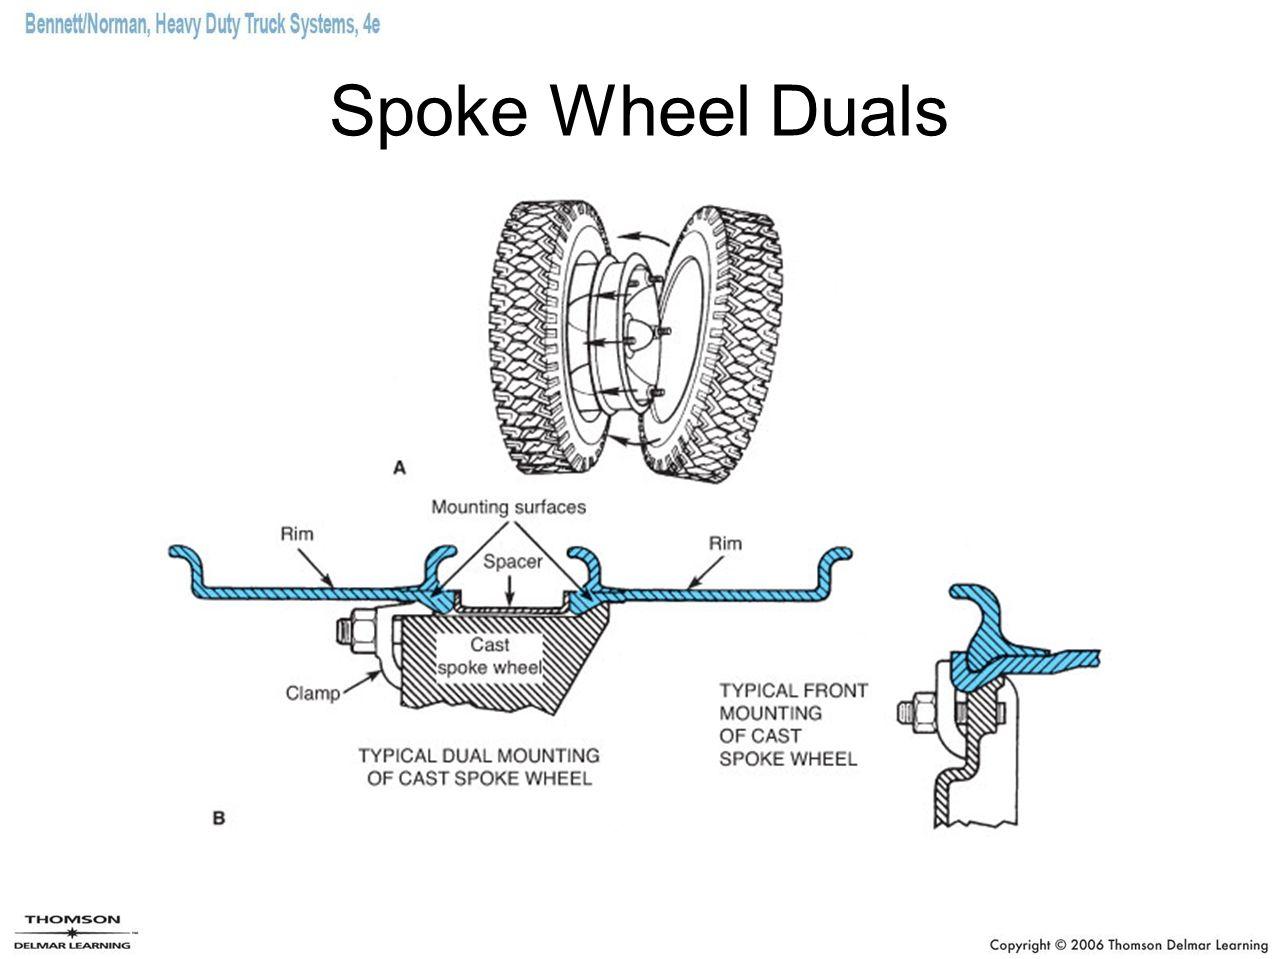 Spoke Wheel Duals